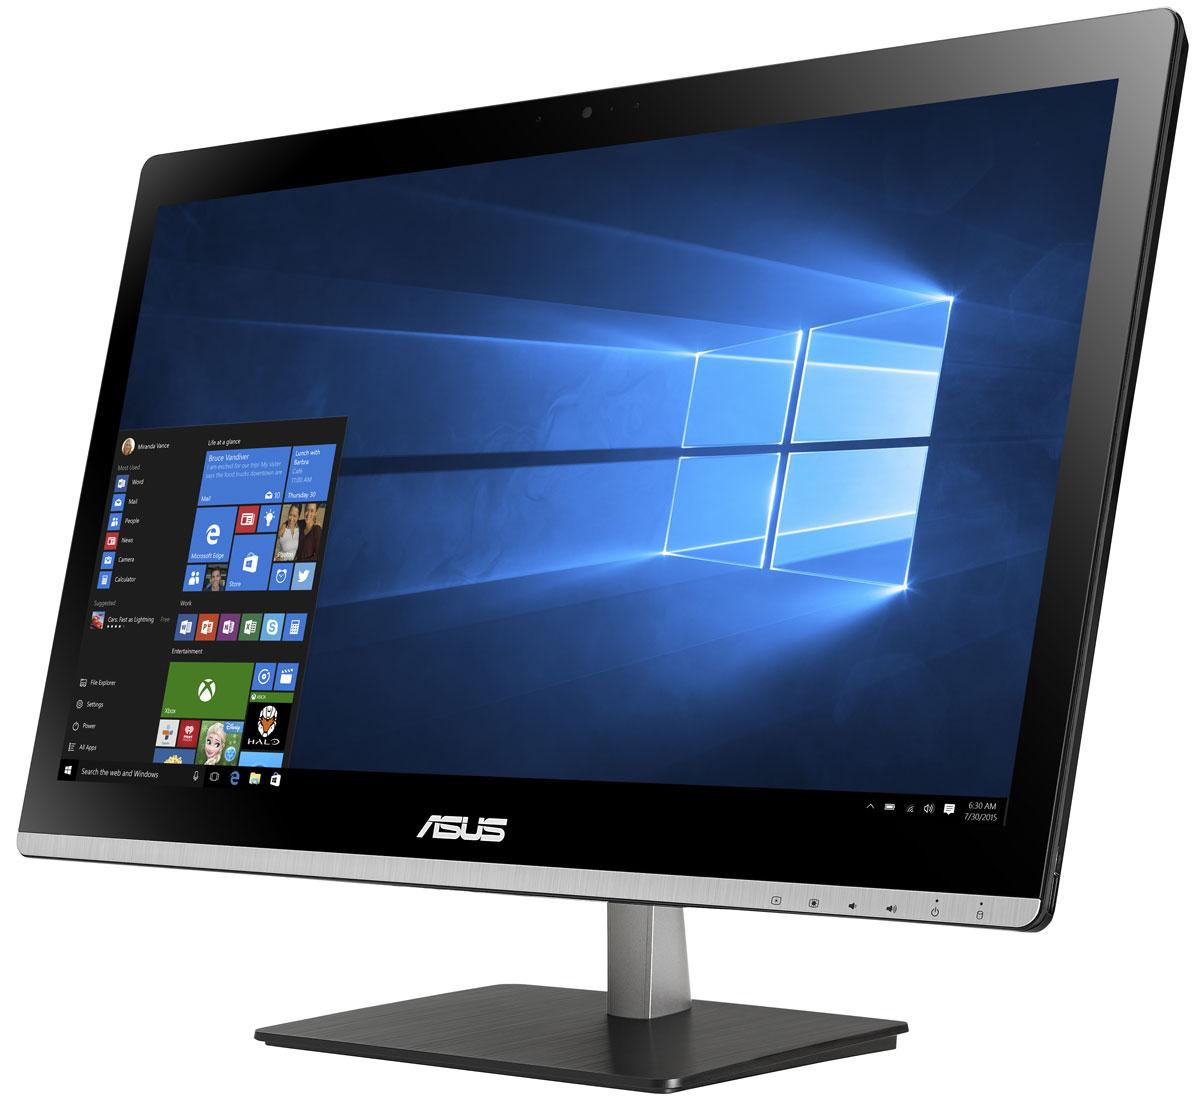 Asus Vivo AiO V220ICGT, Black моноблок (V220ICGT-BG023X)V220ICGT-BG023XВ тонком и компактном корпусе моноблока Asus Vivo AiO V220ICGT разместились все компоненты современного компьютера - дисплей, процессор, видеокарта, память, диск и многое другое. Функциональность и компактность. Это основные принципы, применяемые Asus в проектировании настольных ПК. Современный моноблок - это компактное устройство с полным набором возможностей настольного компьютера. Благодаря тонкому корпусу он не занимает много места на столе, способствуя созданию уютной обстановки в помещении. Стильная серебристая подставка, используемая в моноблоке Asus Vivo AiO V220ICGT, придает ему дополнительную изящность. Уникальный шарнирный механизм спрятан под задней панелью, что делает внешний вид устройства еще более утонченным и органичным. Данная модель обладает ультратонким экраном со светодиодной подсветкой, обеспечивающим высокую яркость и контрастность изображения. Благодаря широким углам обзора матрицы картинка на экране моноблока...